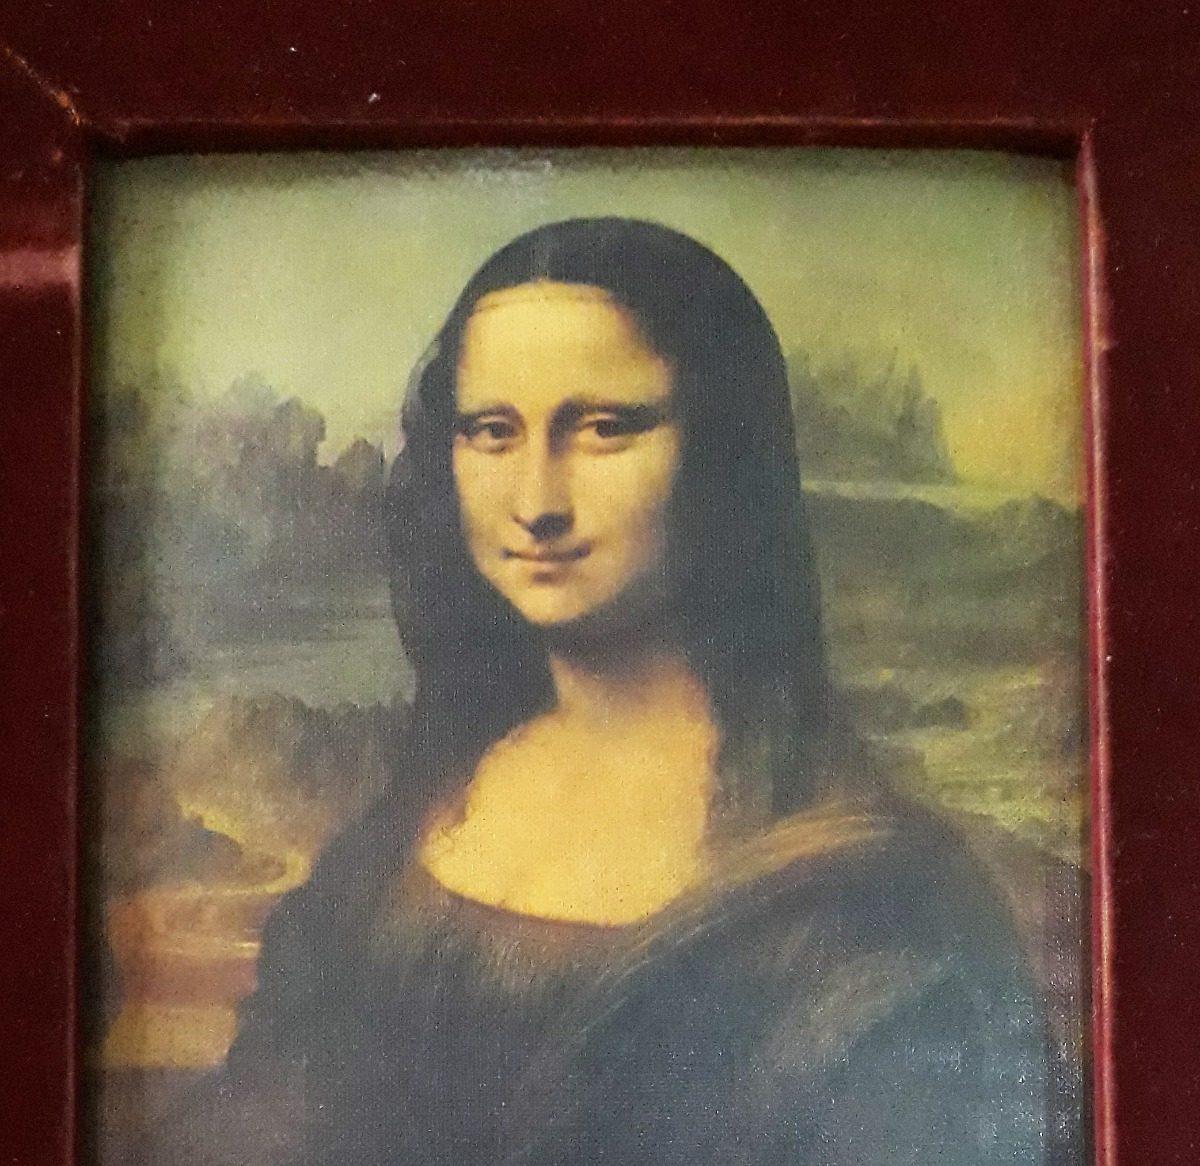 Mona lisas vintage apologise